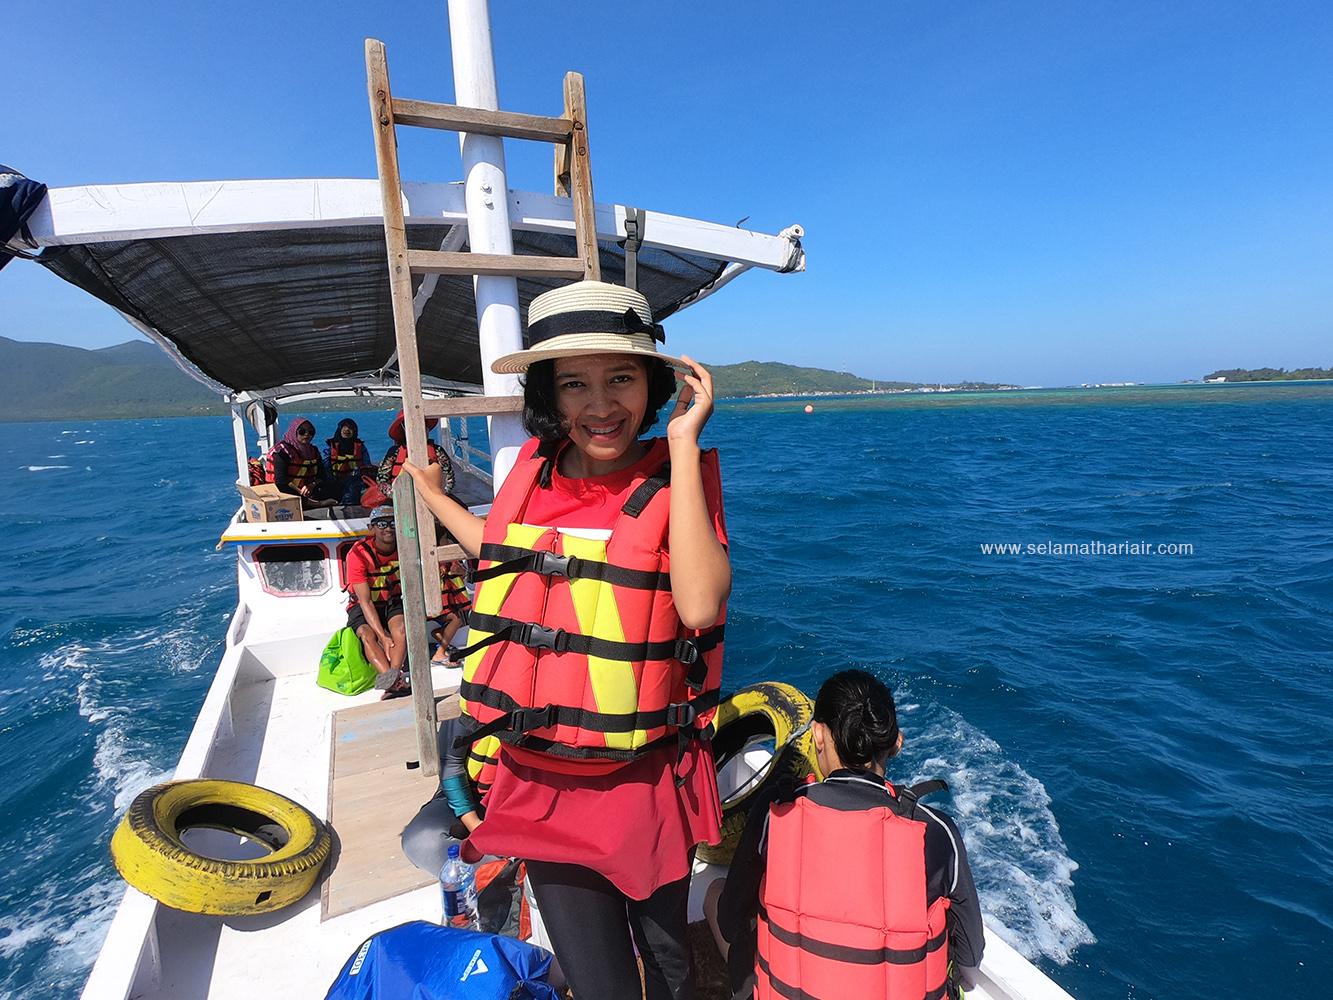 penyebrangan kapal kecil Karimunjawa ke Pulau Menjangan Kecil